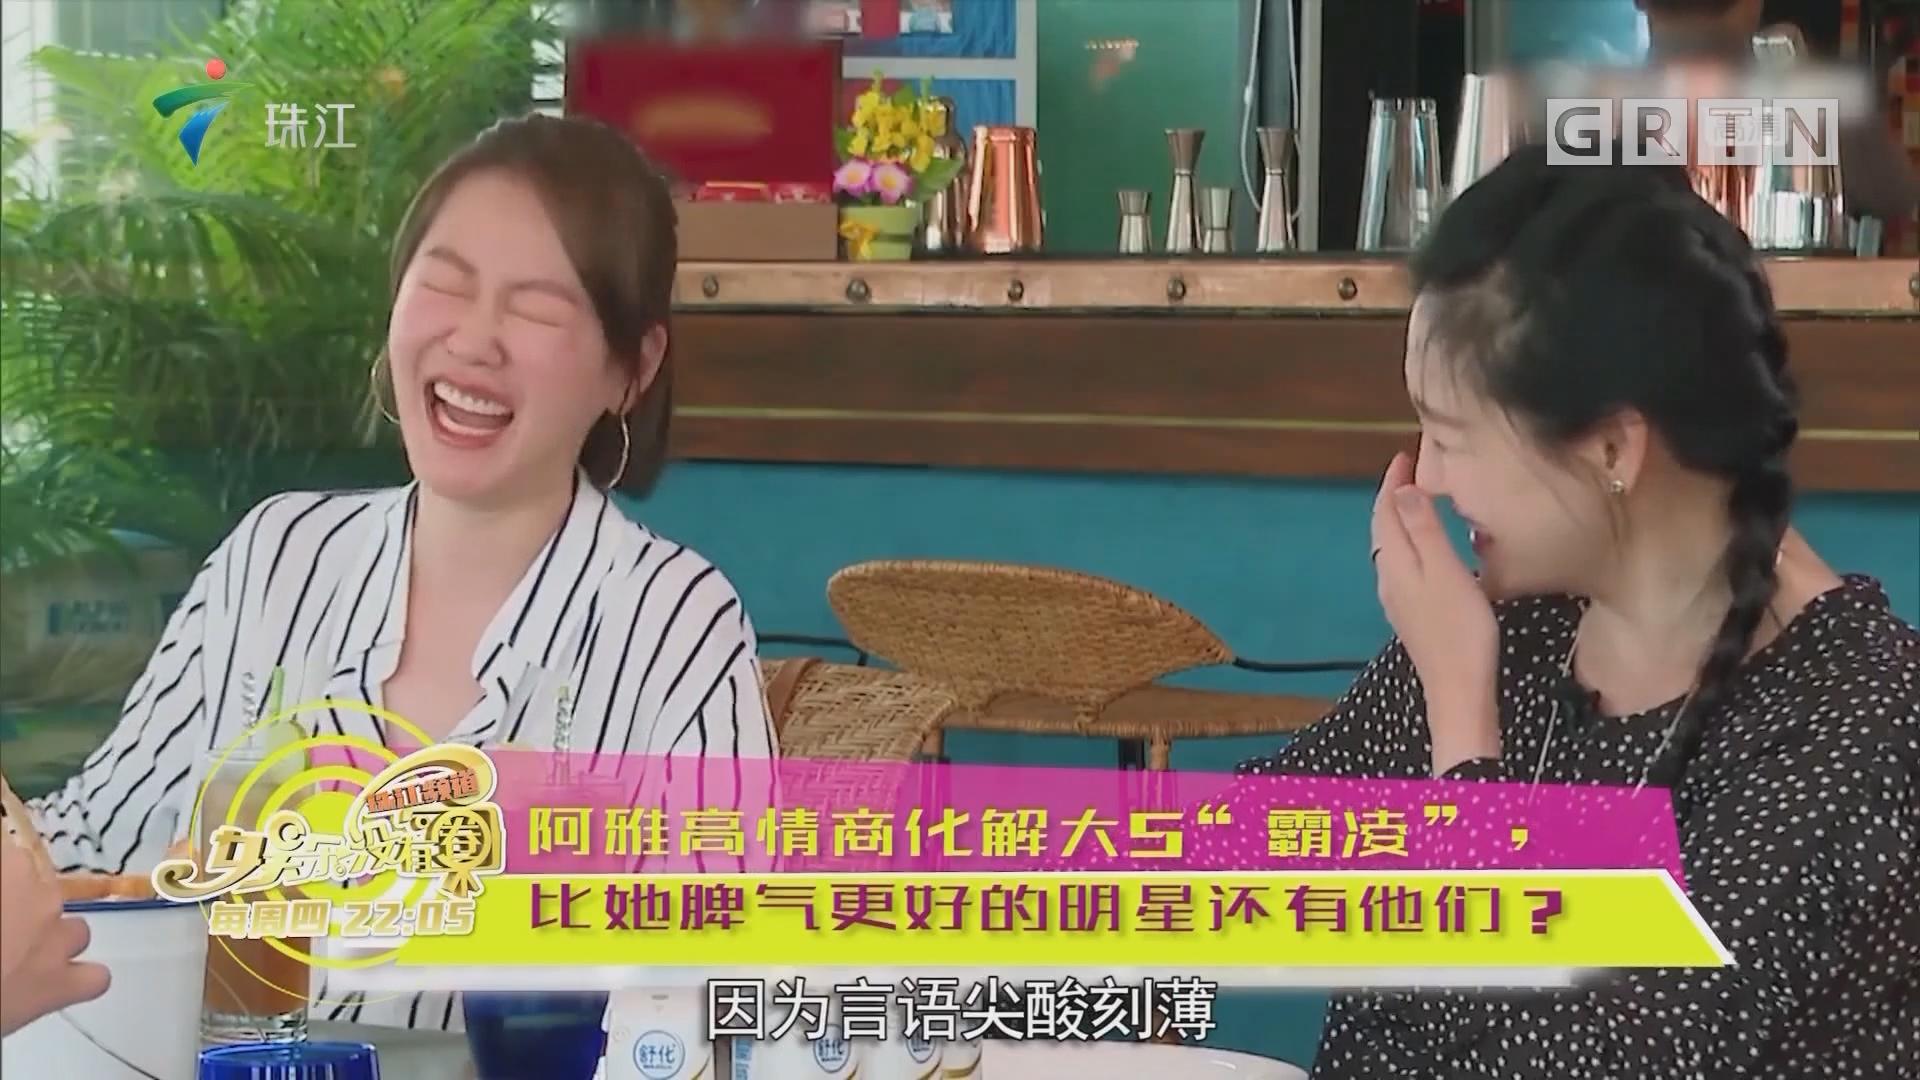 """阿雅高情商化解大S""""霸凌"""",比她脾气更好的明星还有他们?"""